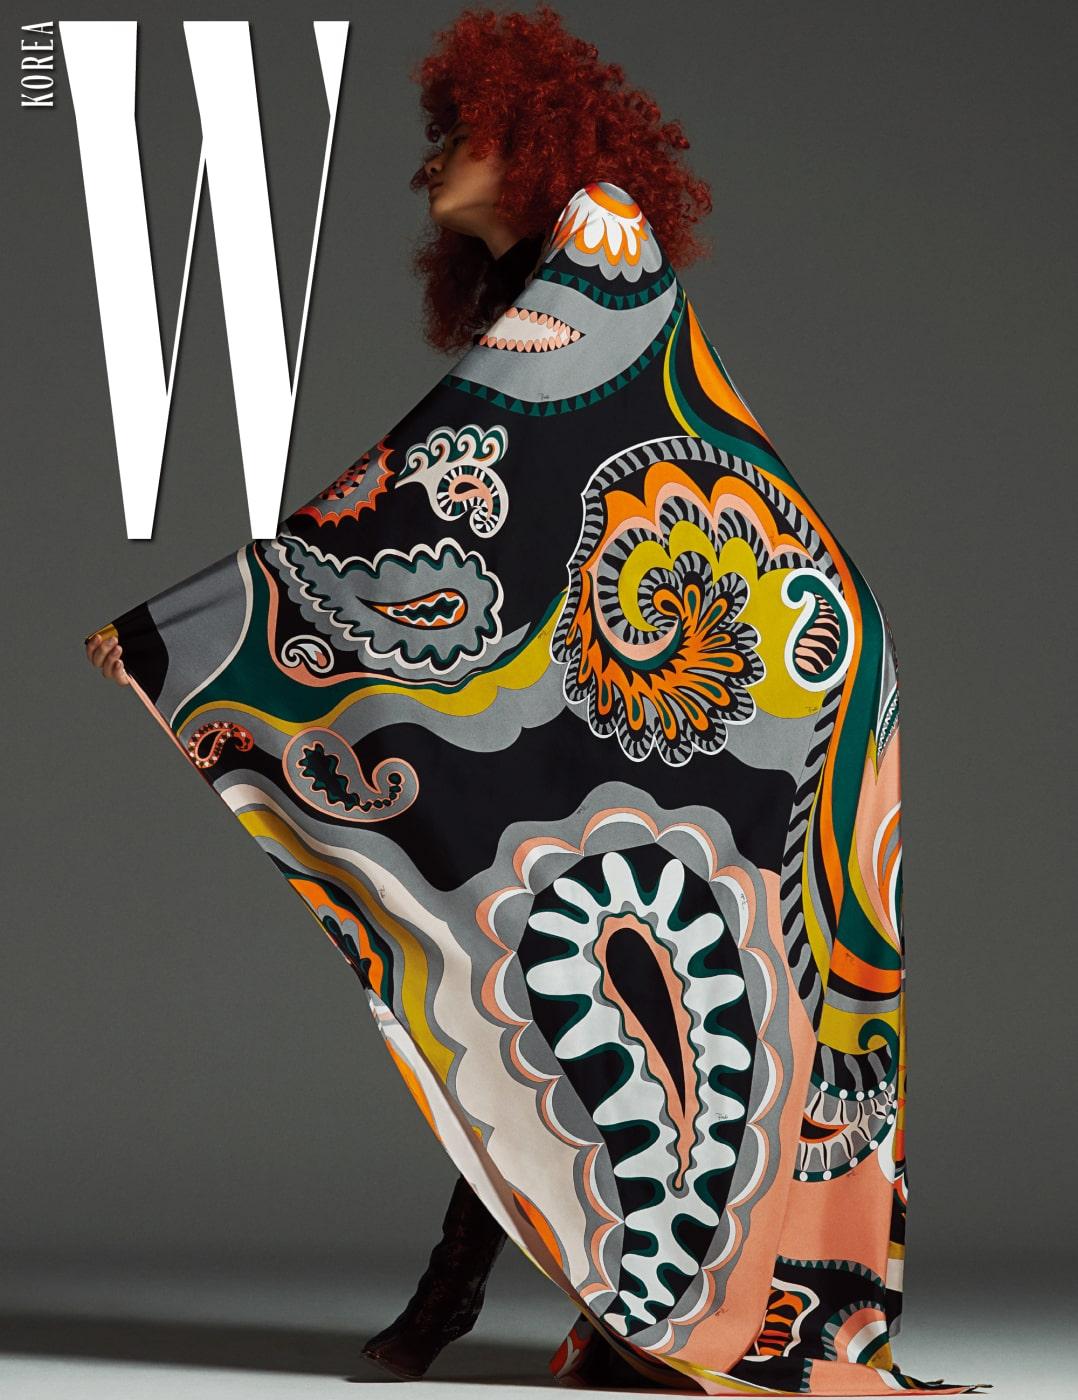 검은색의 꼭 끼는 실루엣과 페이즐리 패턴의 박시한 실루엣으로 좌우가 상반된 디자인이 특징인 드레스와 페이턴트 소재의 갈색 슈즈는 Emilio Pucci 제품.